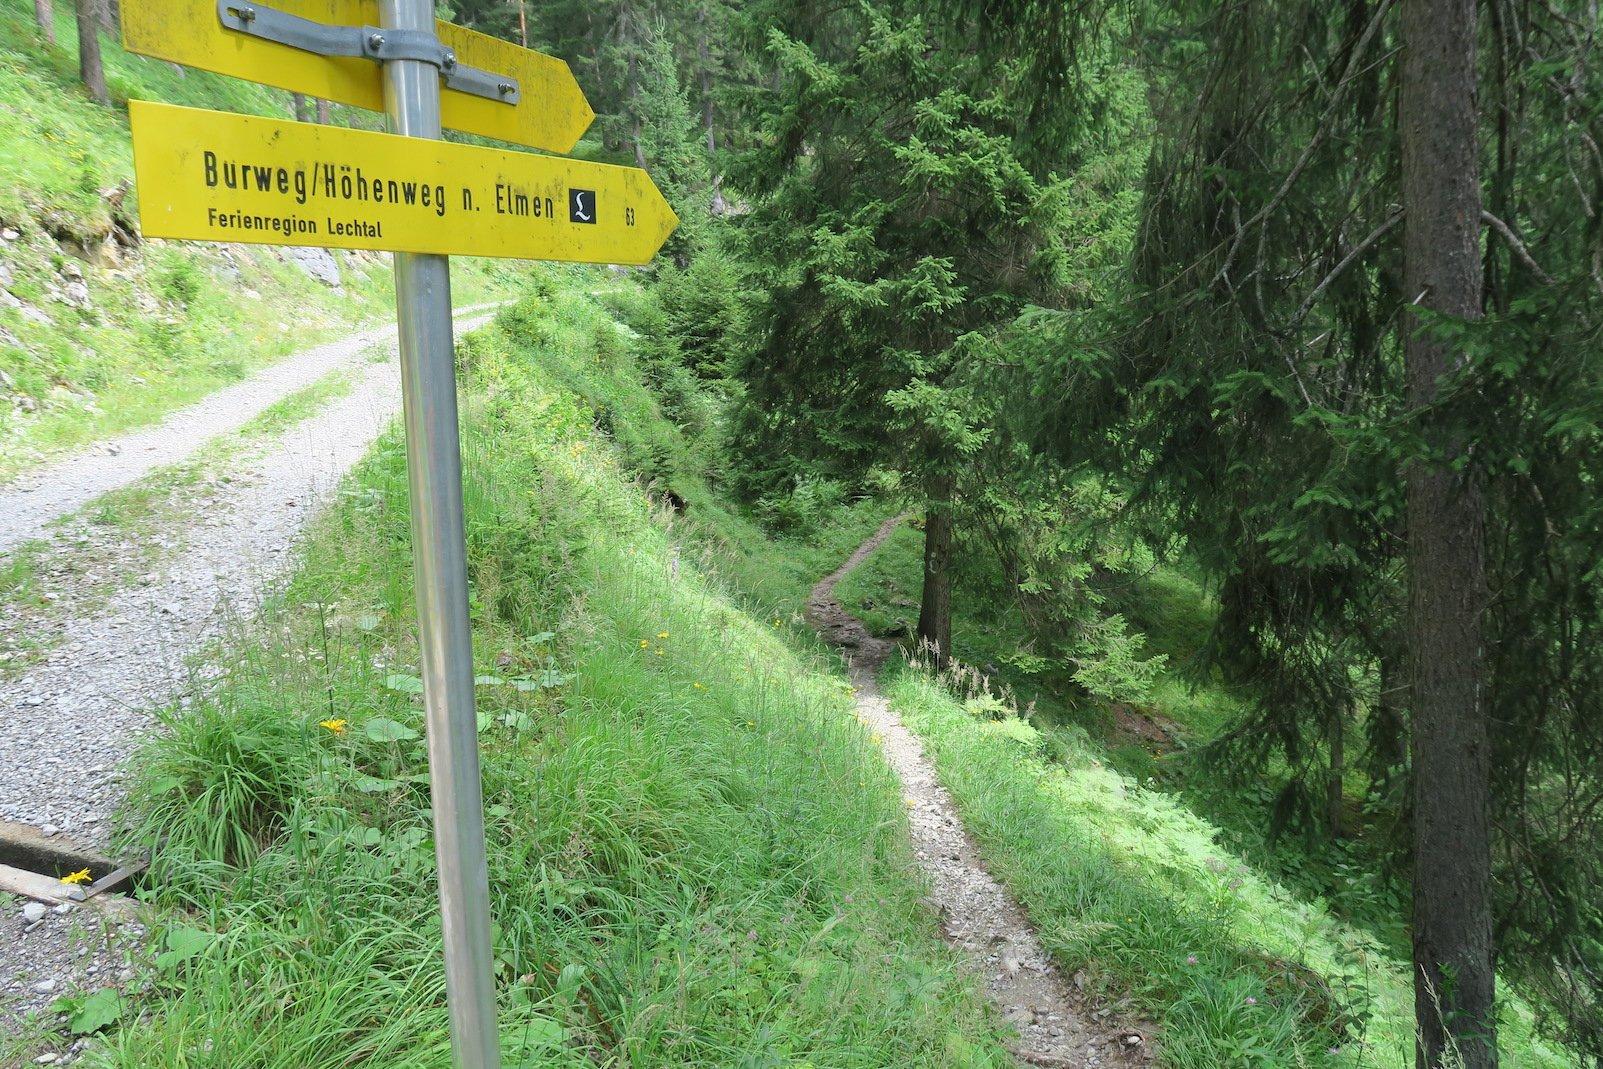 Abzweigung - weg vom breiten Weg, runter auf den Pfad